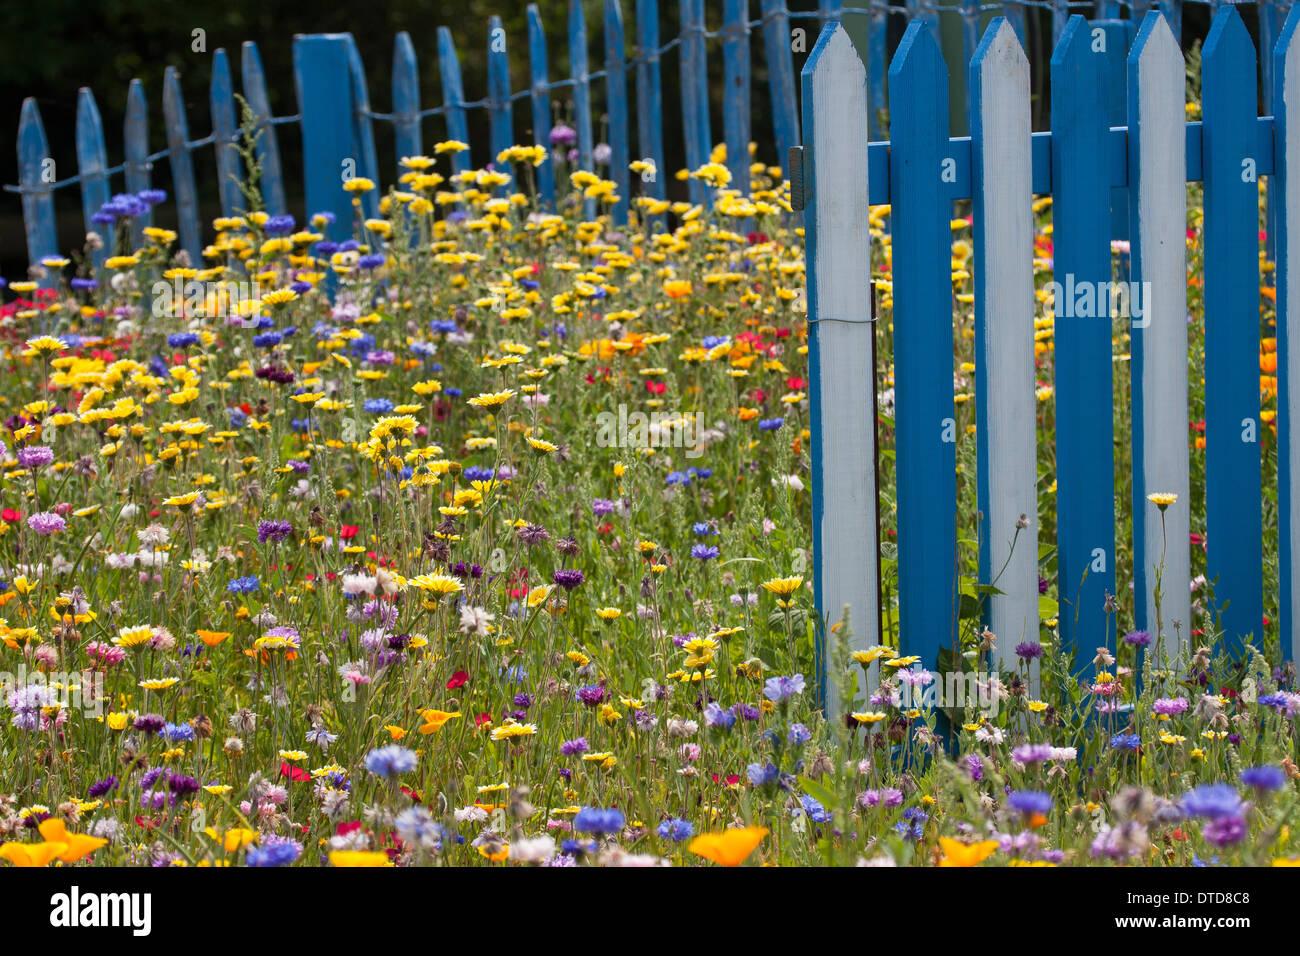 Image De Parterre De Fleurs parterre de fleurs, lit, lit de fleur, fleur fleurs pré